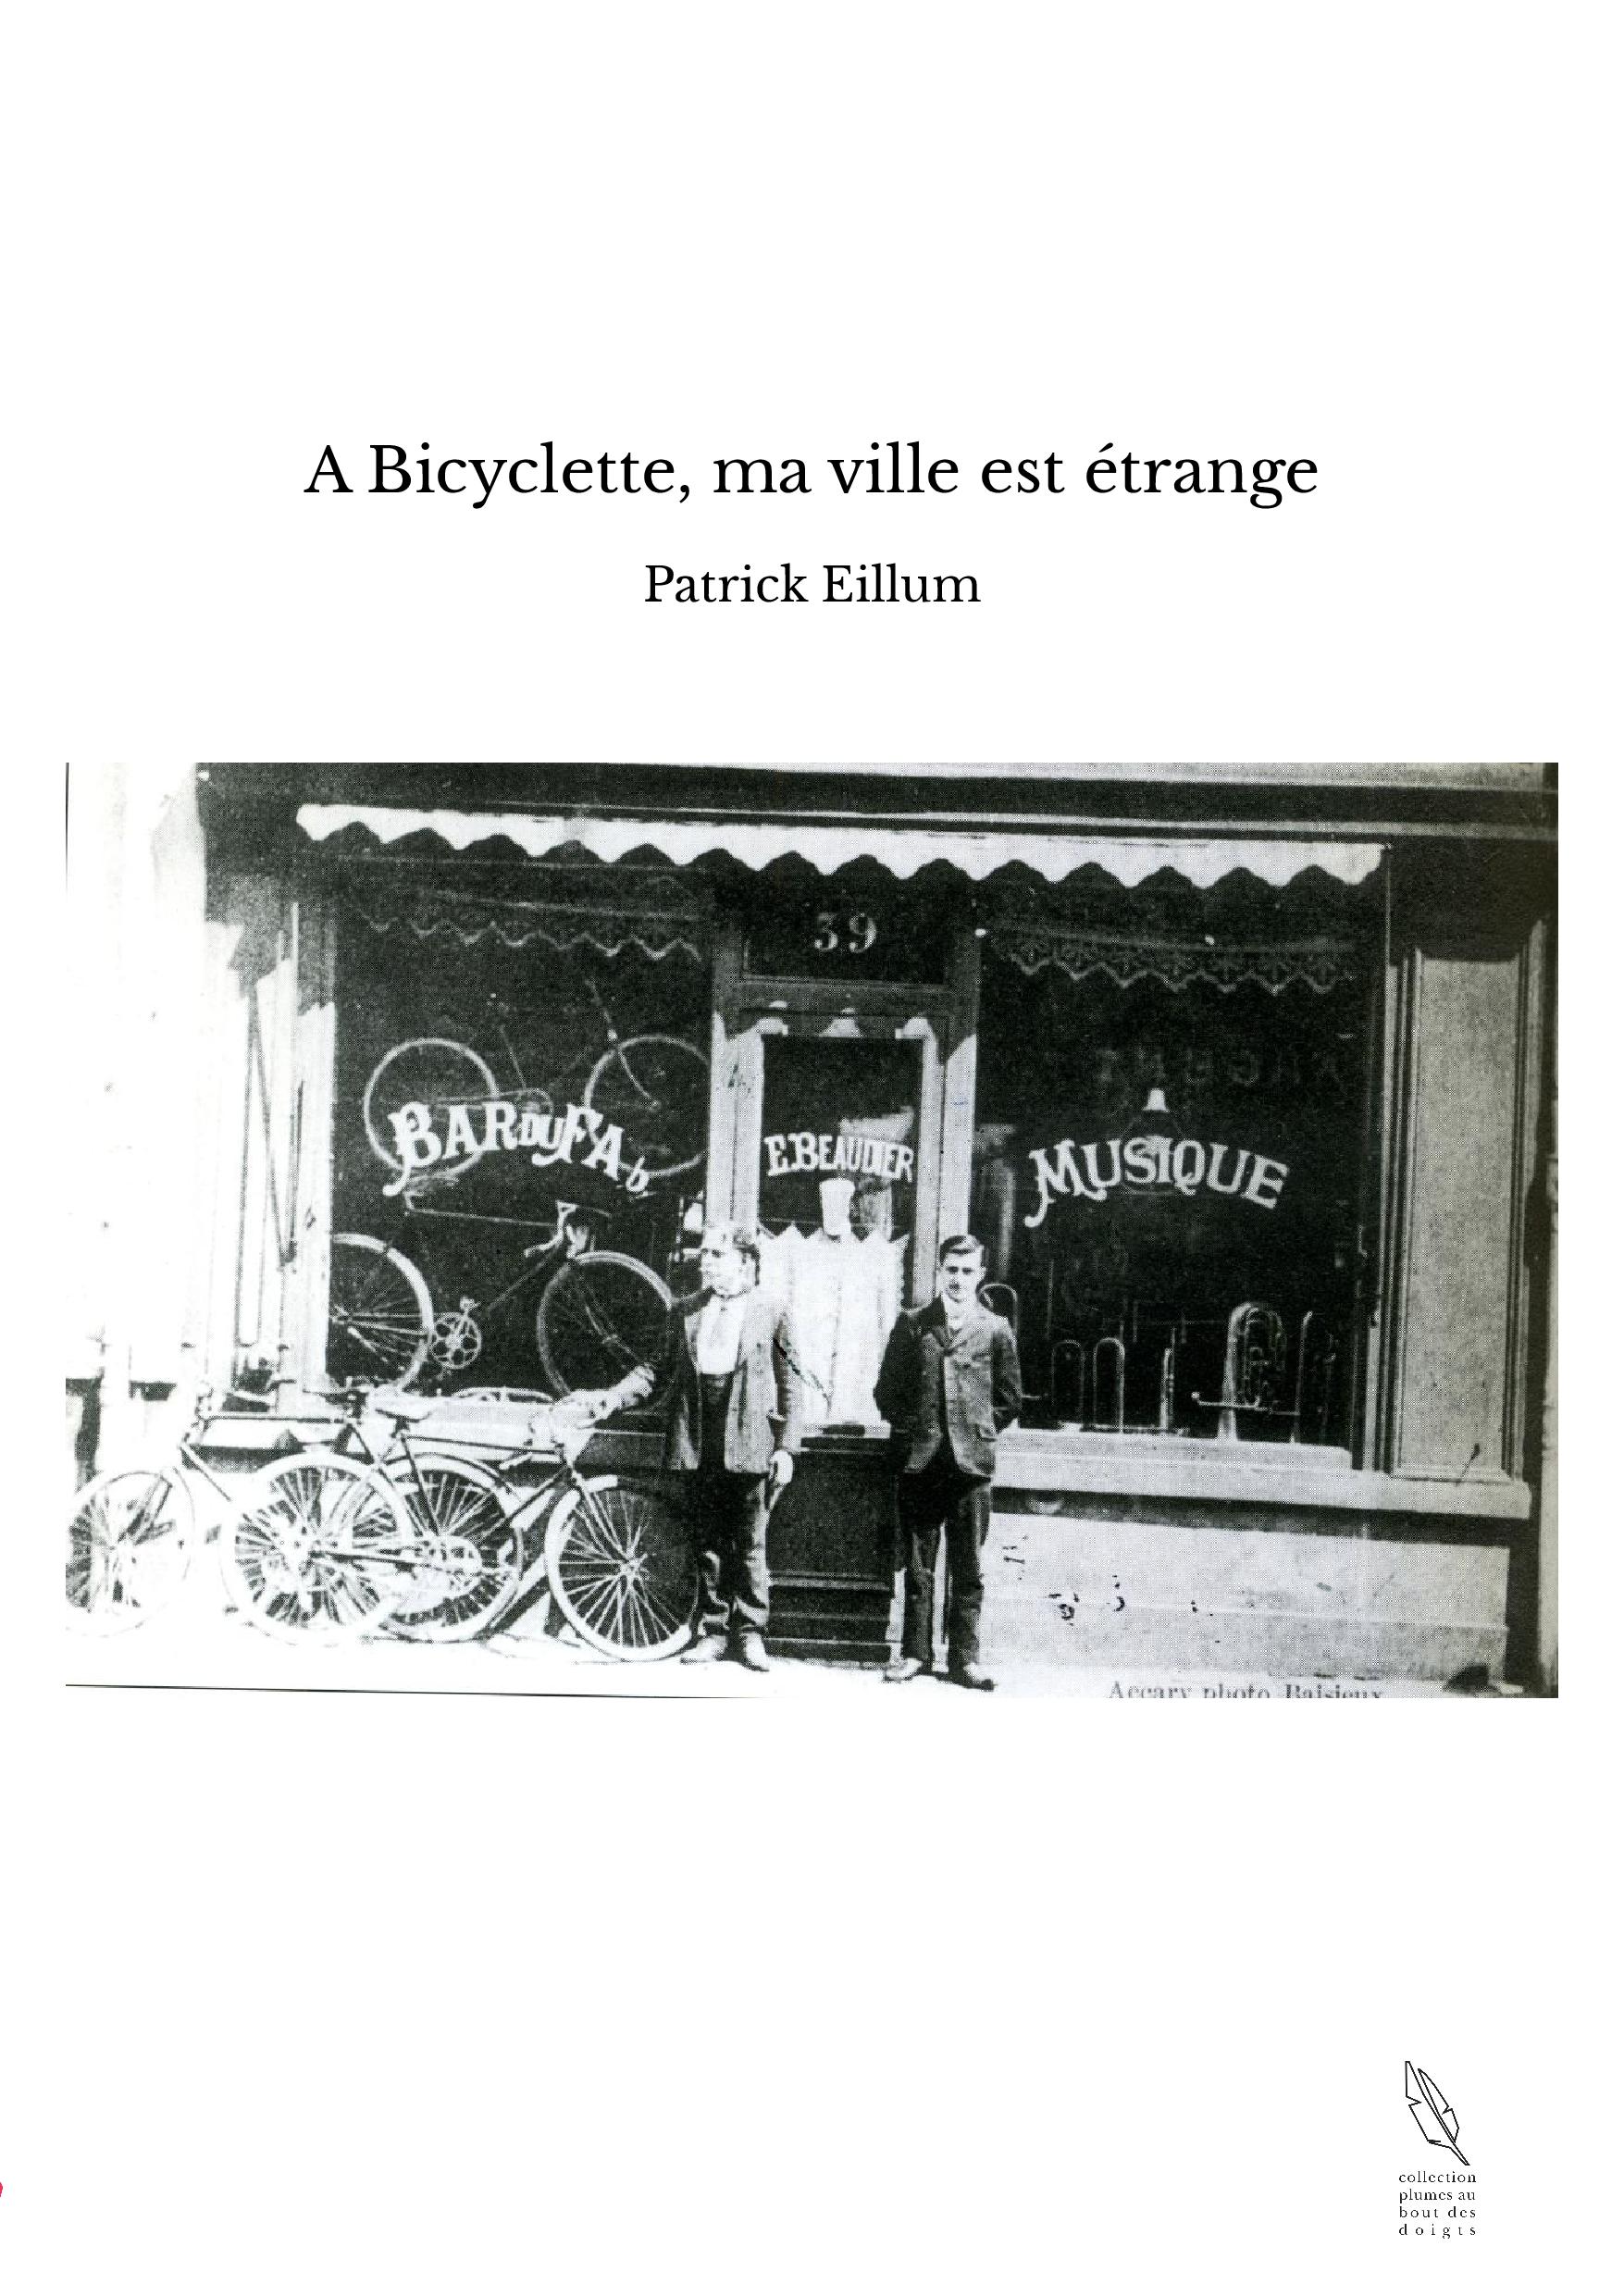 A Bicyclette, ma ville est étrange